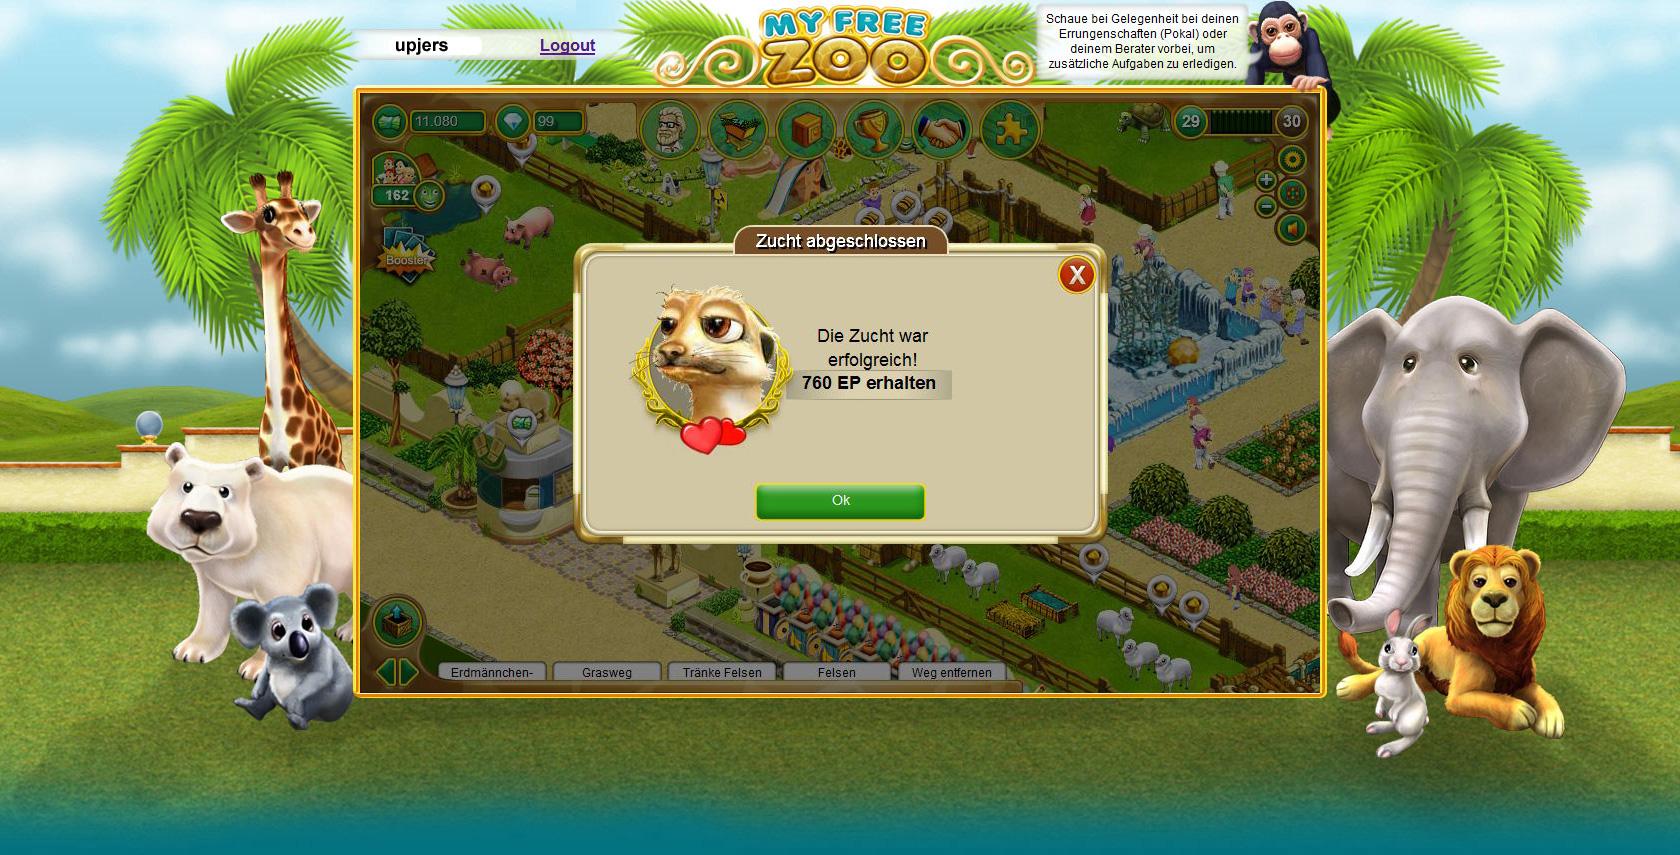 zoo spiele kostenlos